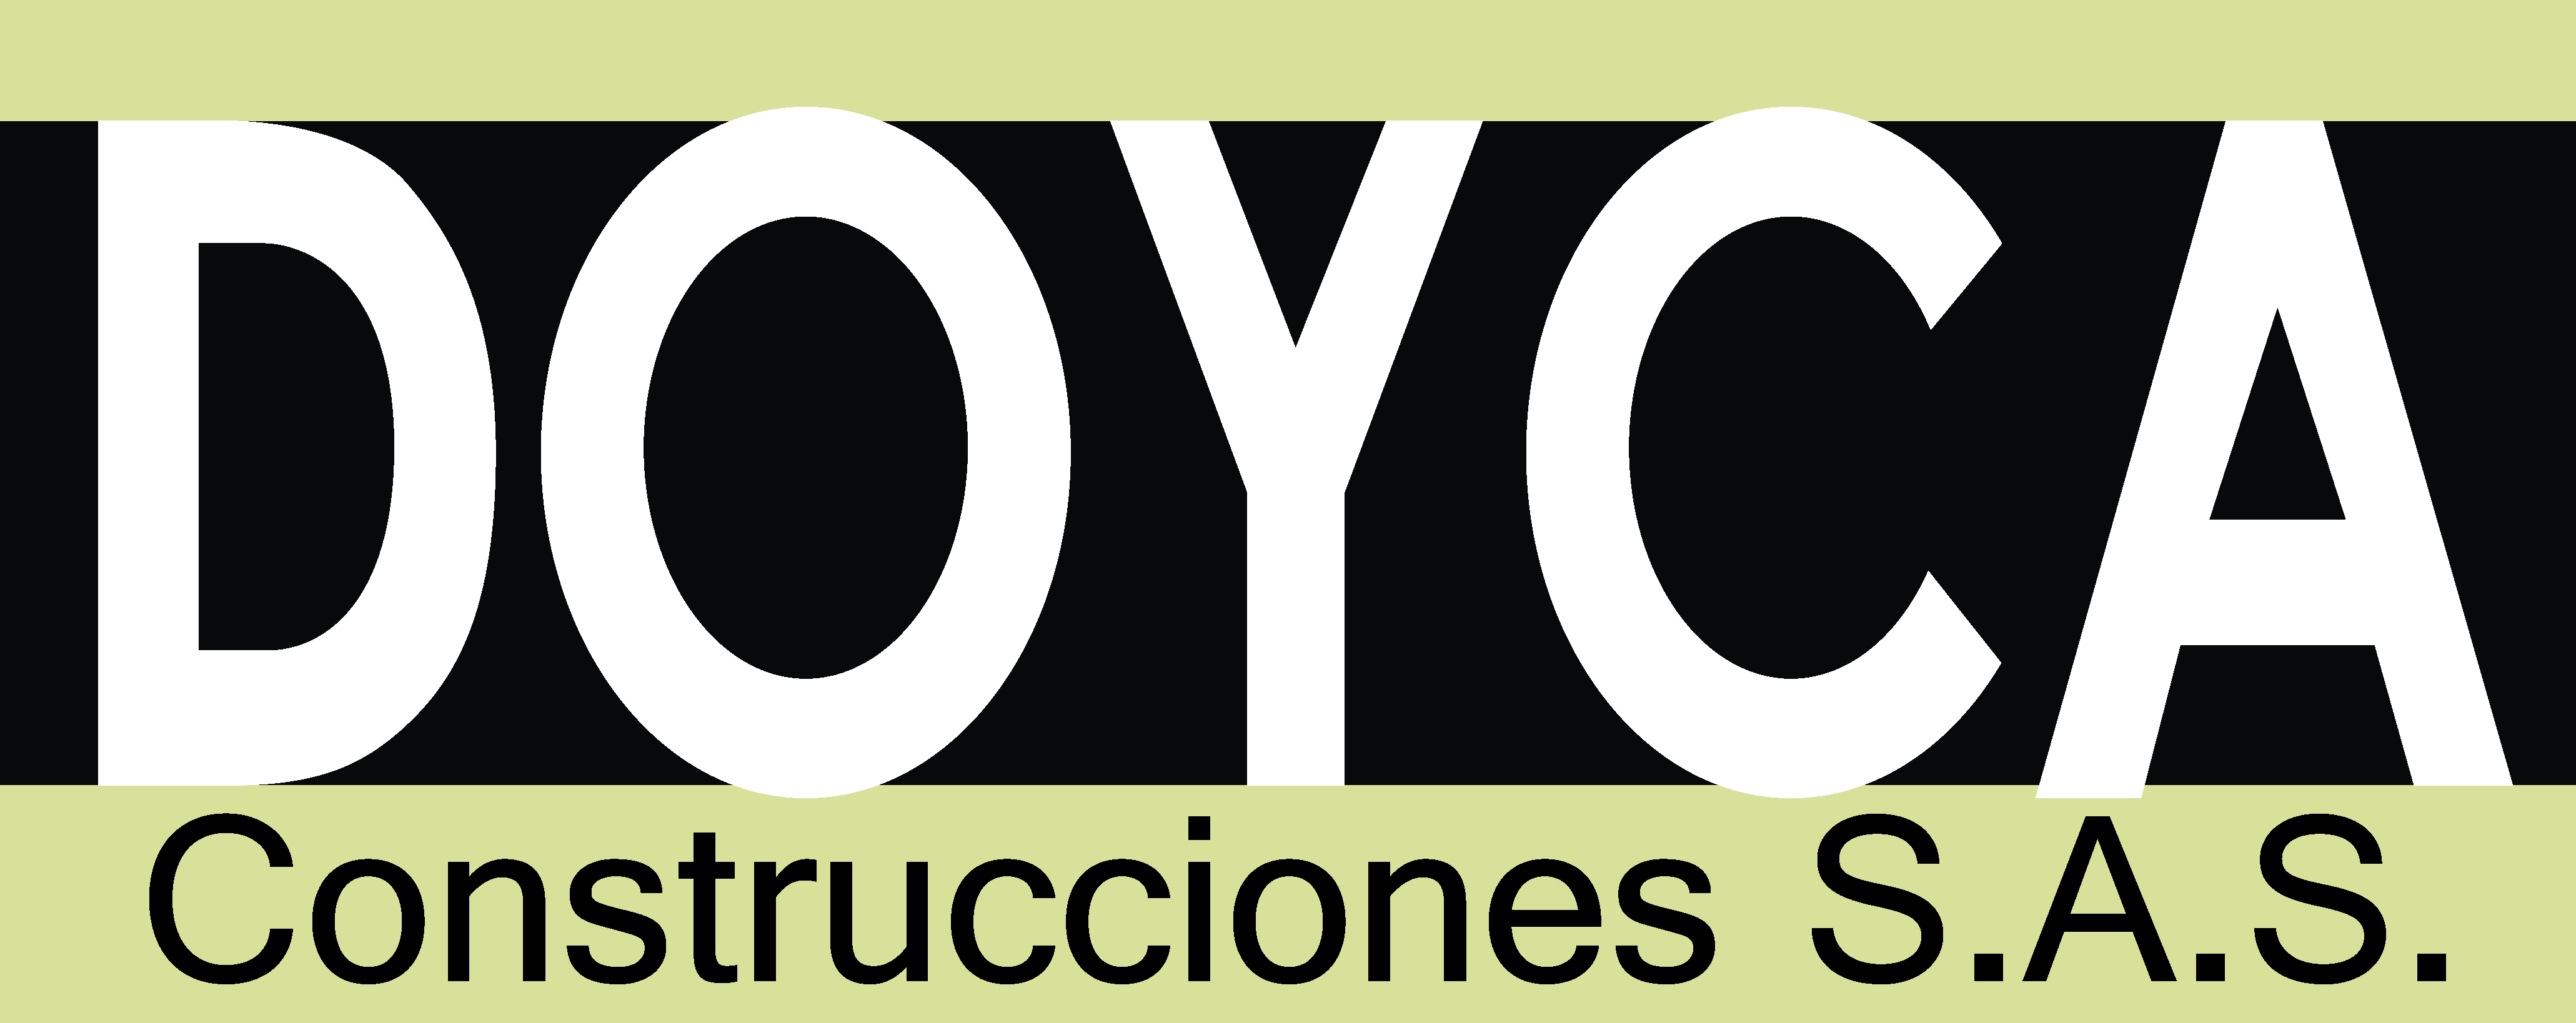 Doyca Construcciones S.A.S.